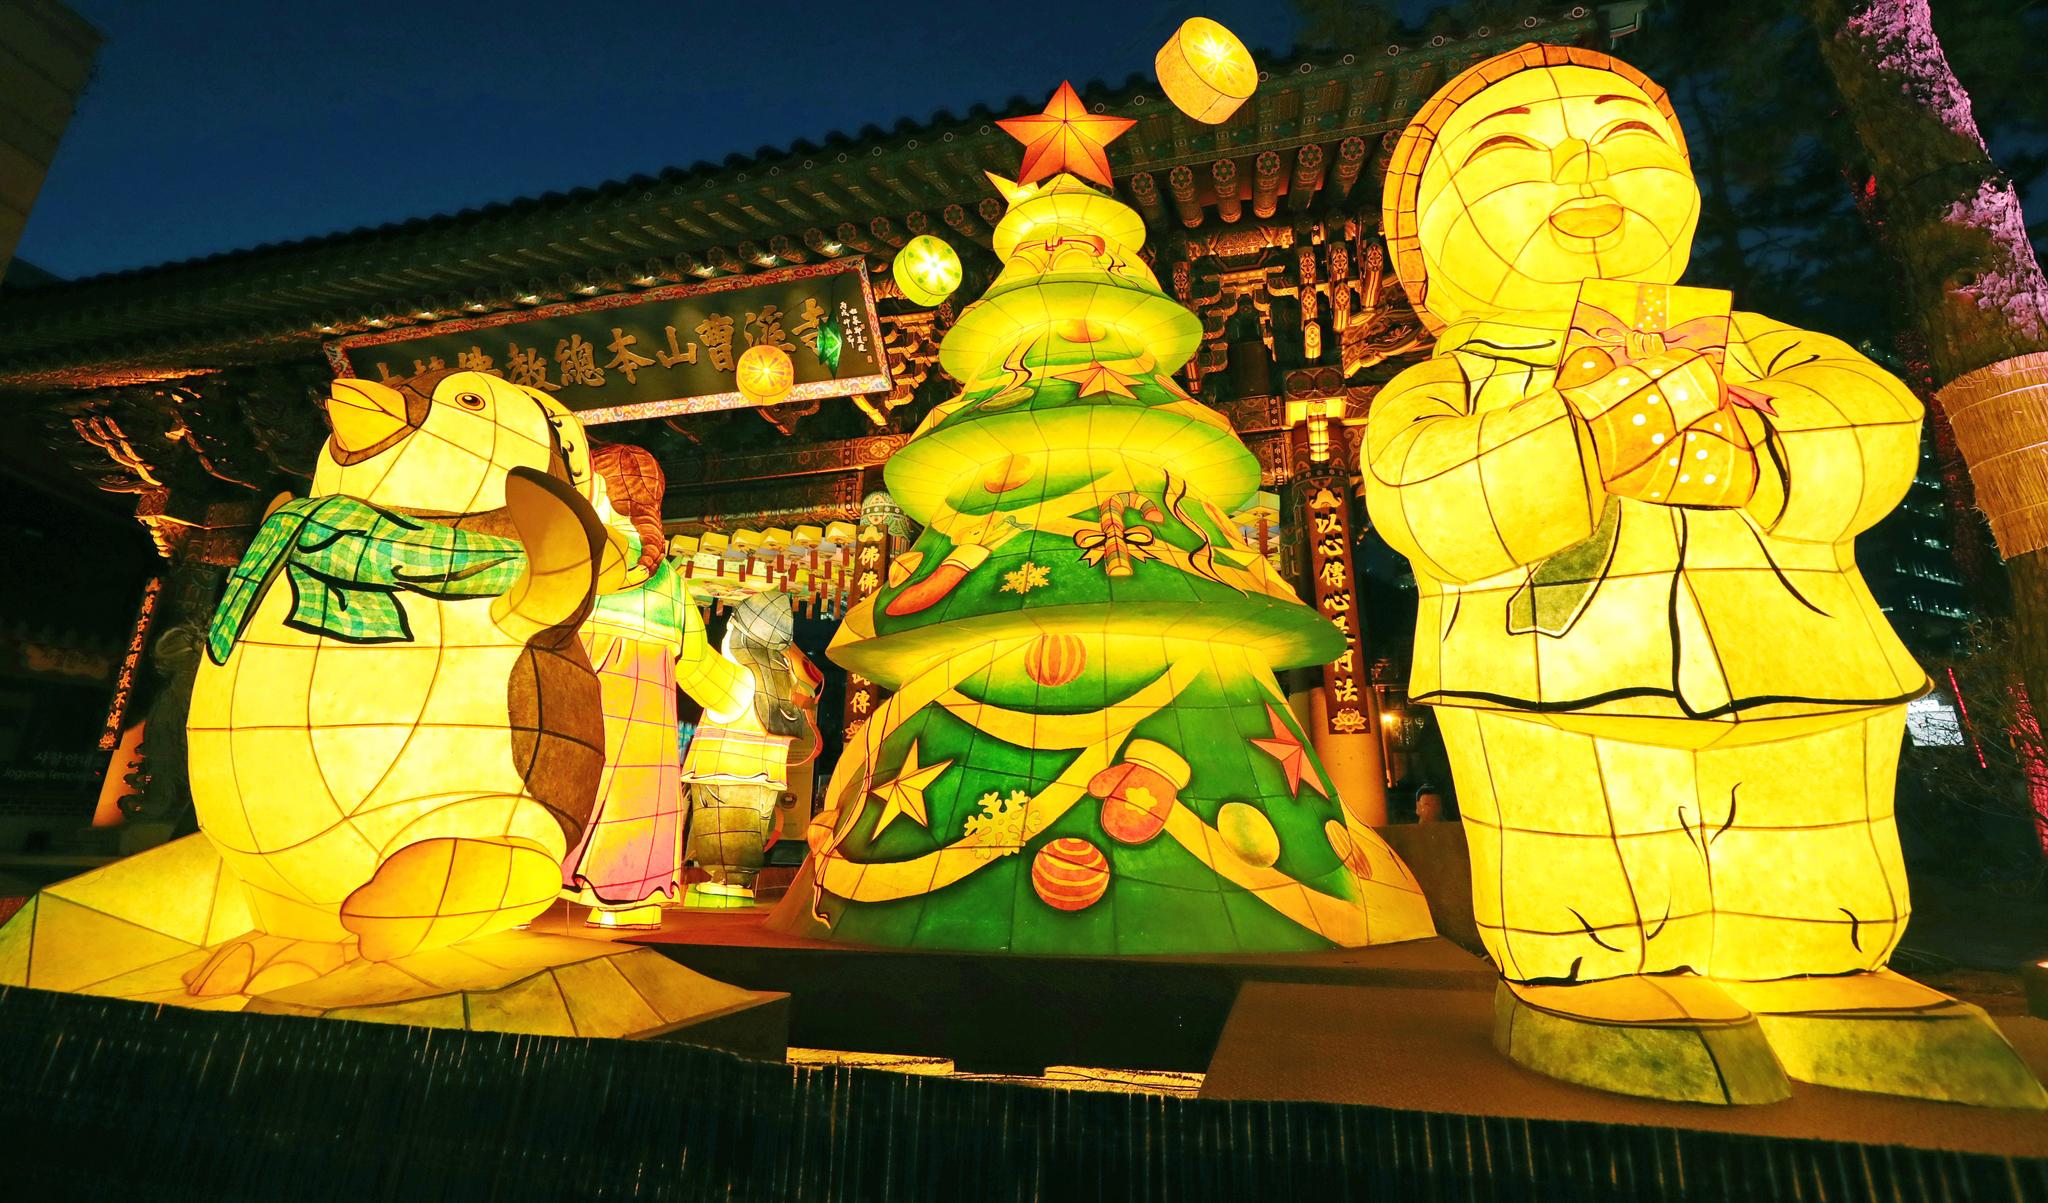 20일 오후 서울 종로구 조계사 일주문 앞에 크리스마스트리가 점등되어 있다. [연합뉴스]